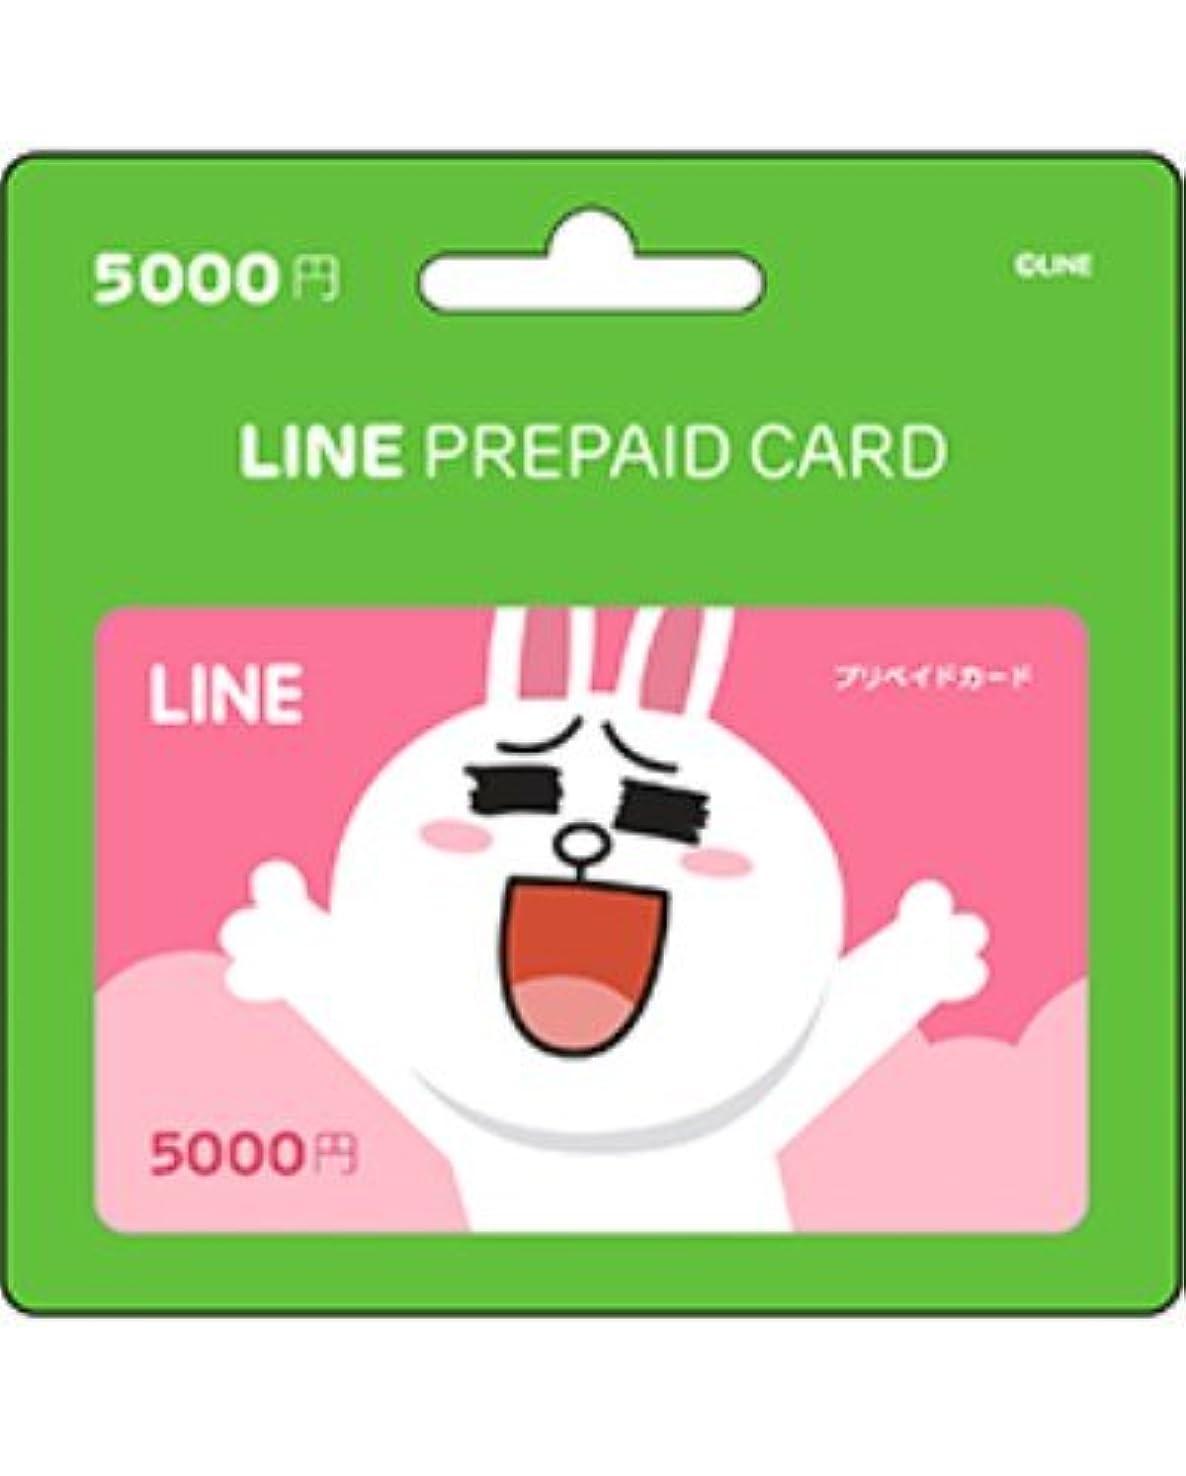 欠如伴う自分のLINE プリペイドカード 5000